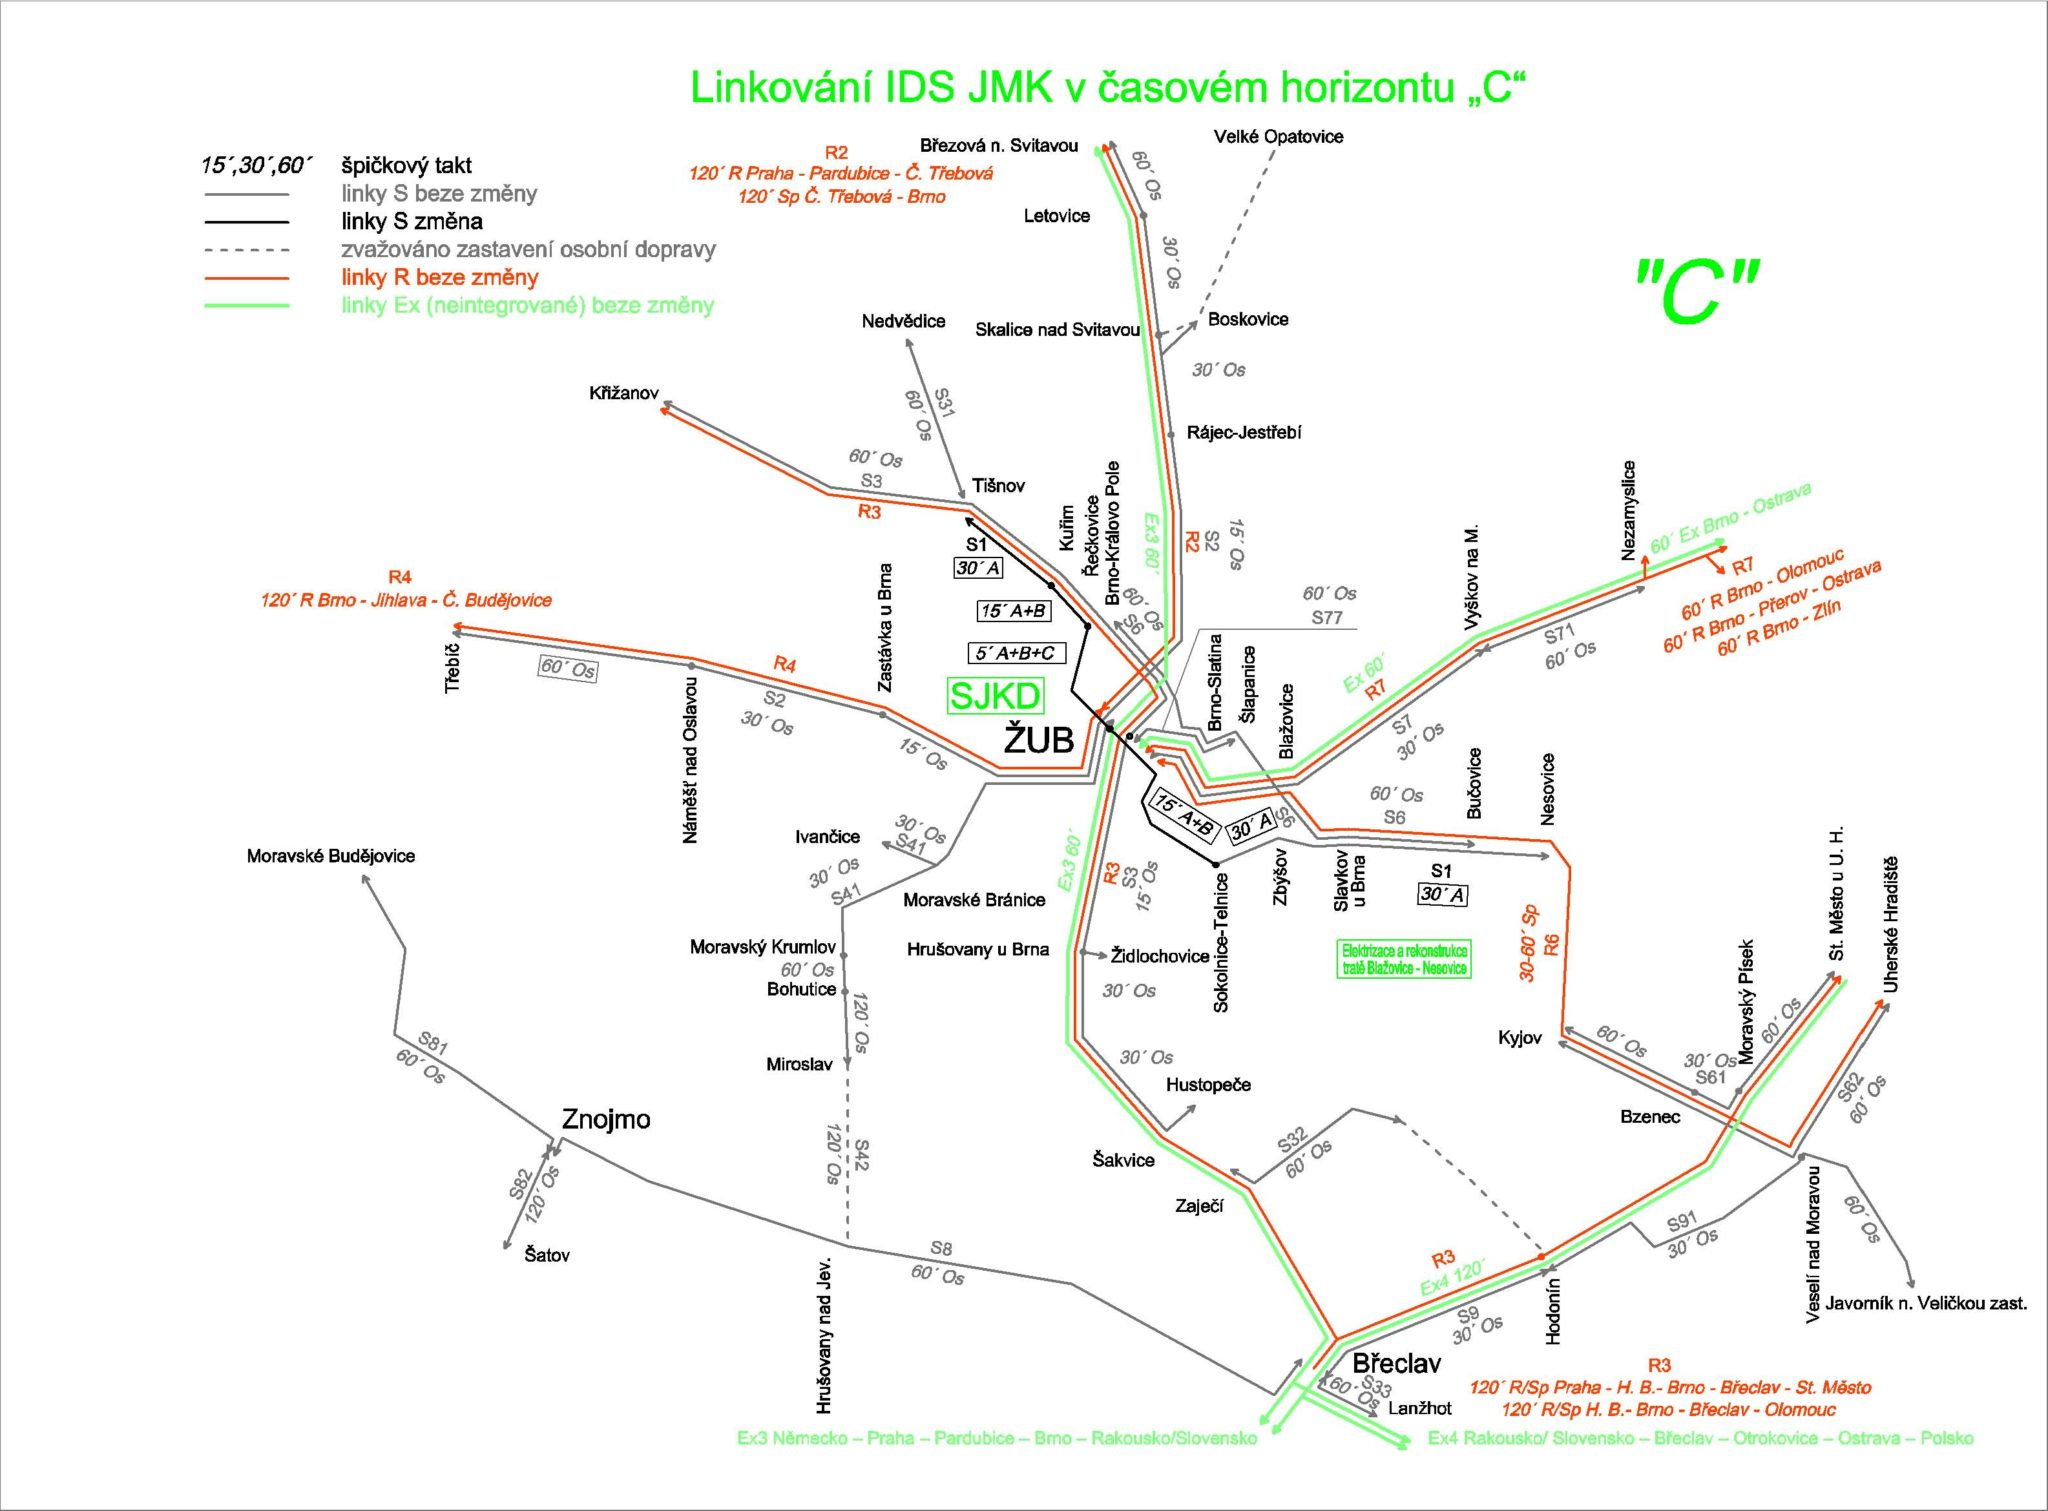 Železniční doprava v okolí Brna kolem roku 2030